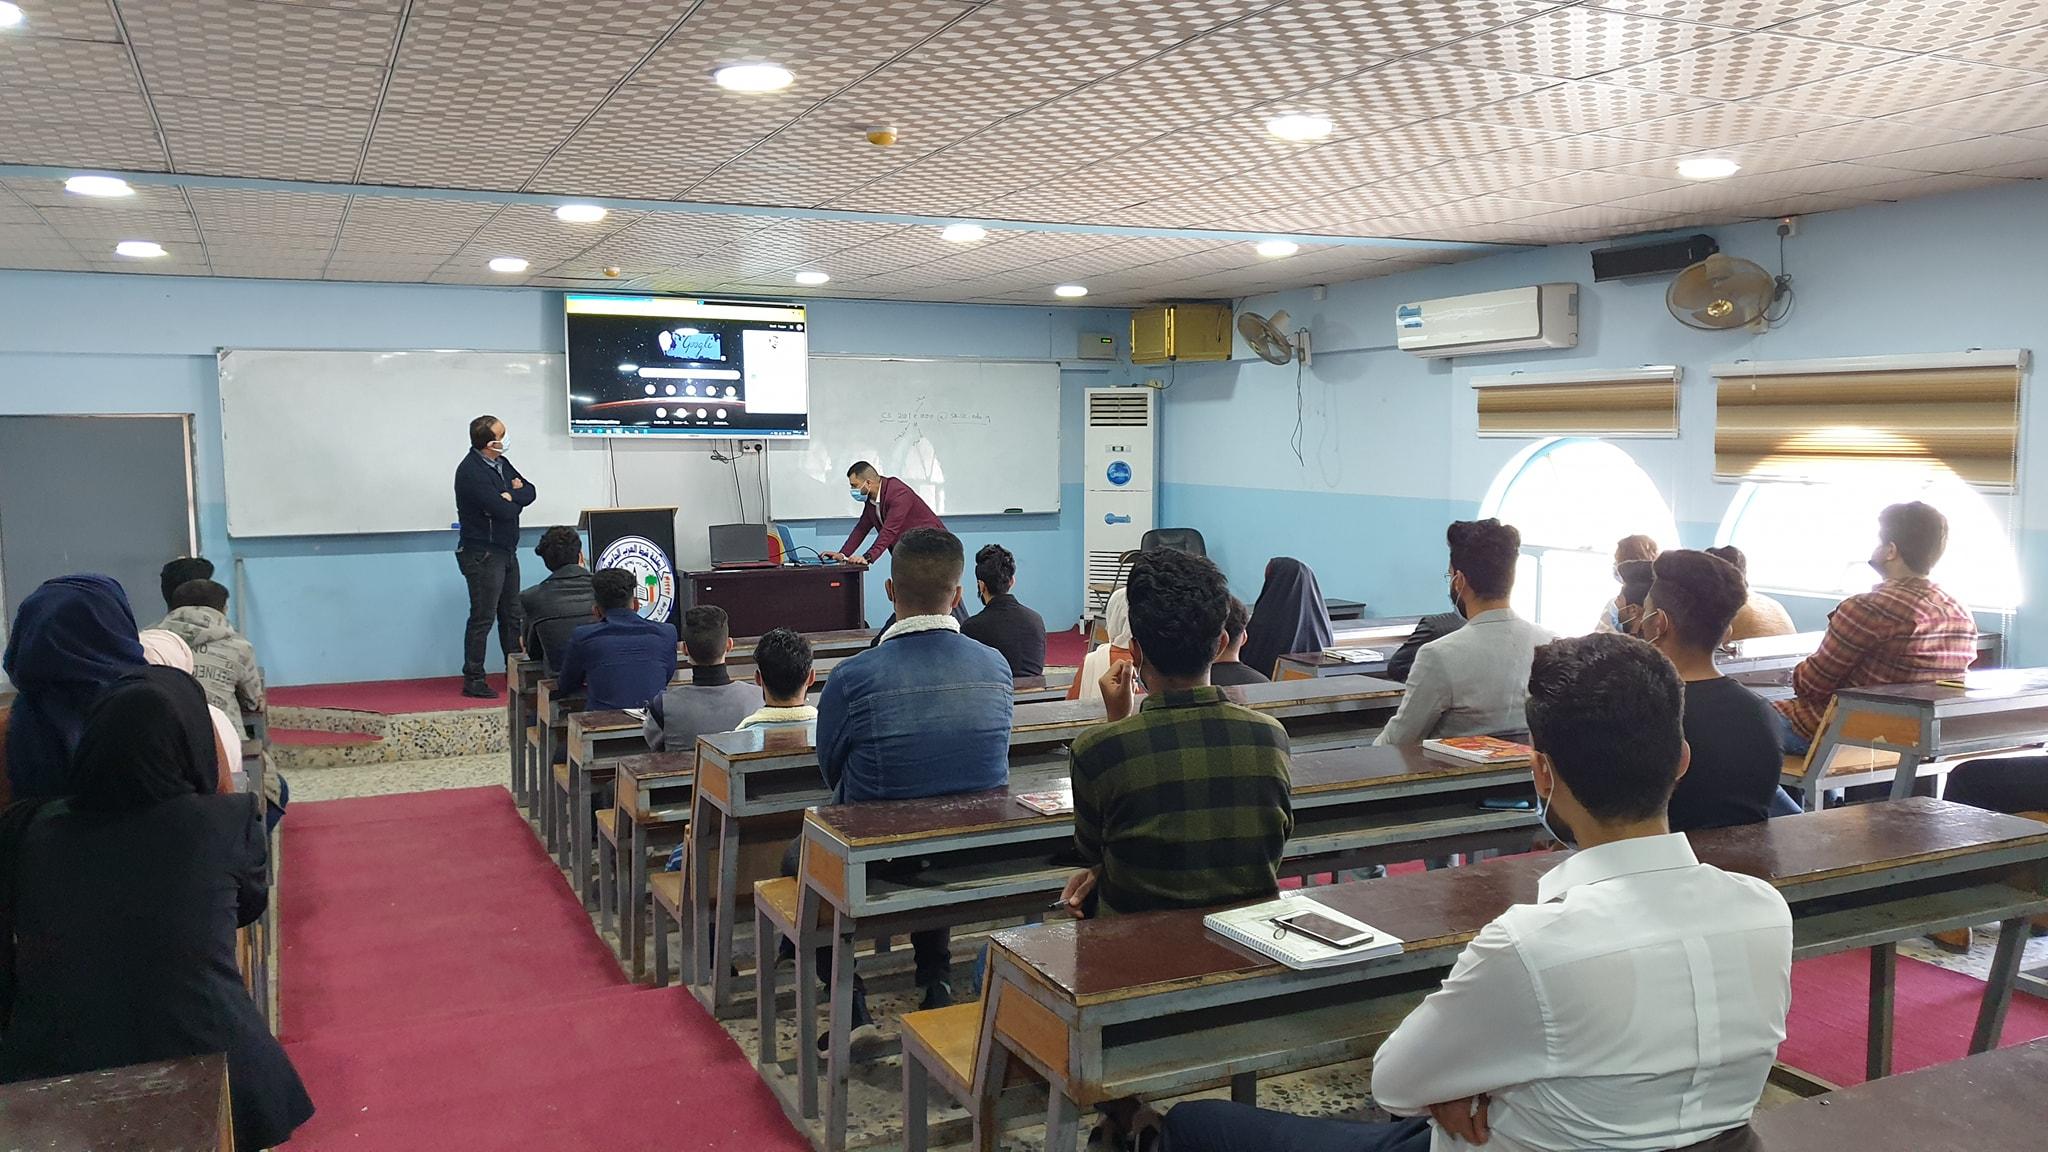 وحدة التطوير و التعليم الالكتروني تنظم ورشة إلكترونية تدربية لطلبة المرحلة الاولى/النافذة الثانية في التعليم الالكتروني .